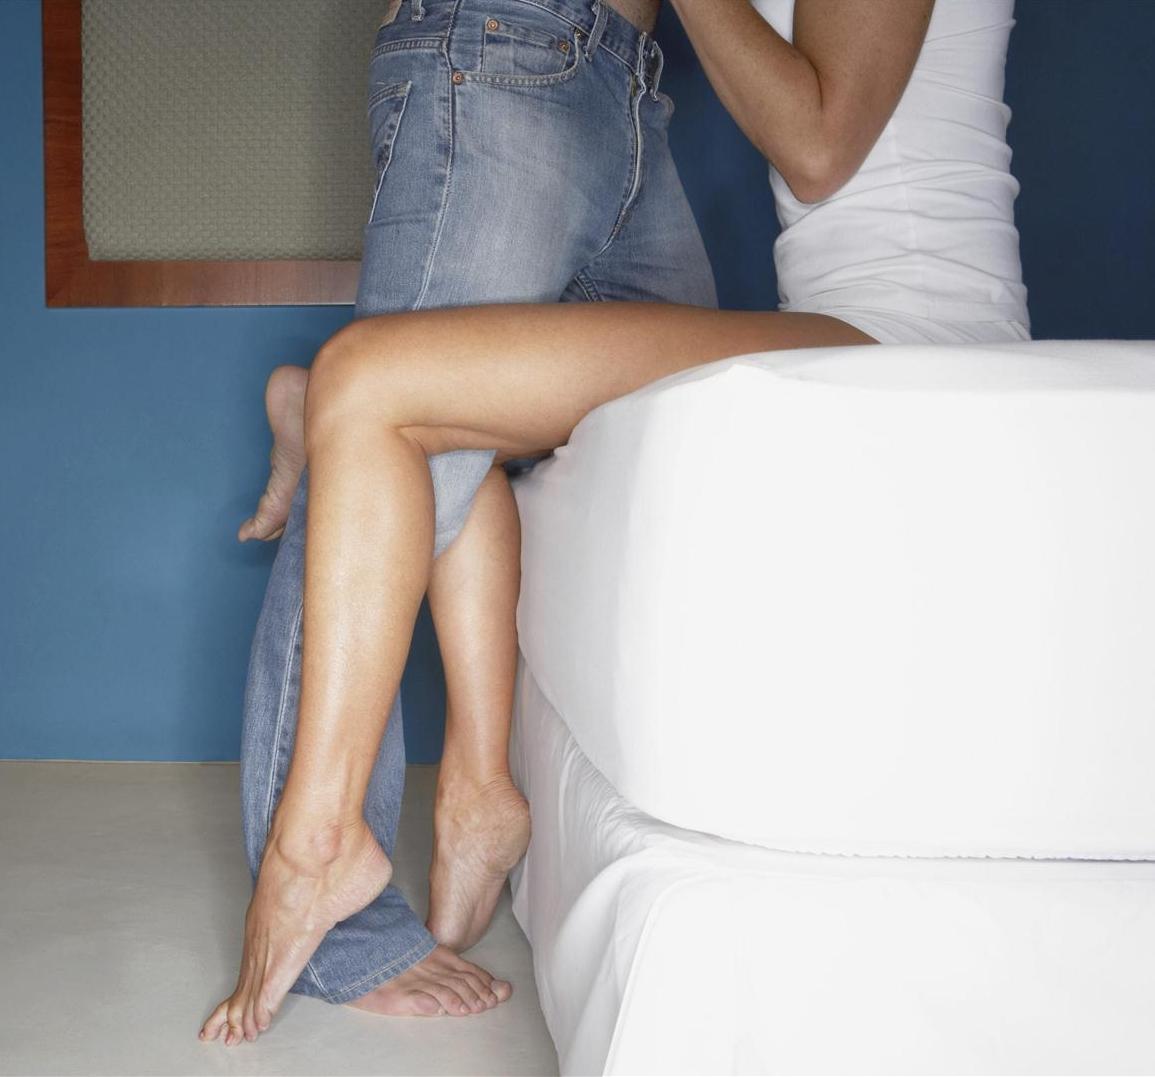 donne per appuntamento massaggi erotici con sesso